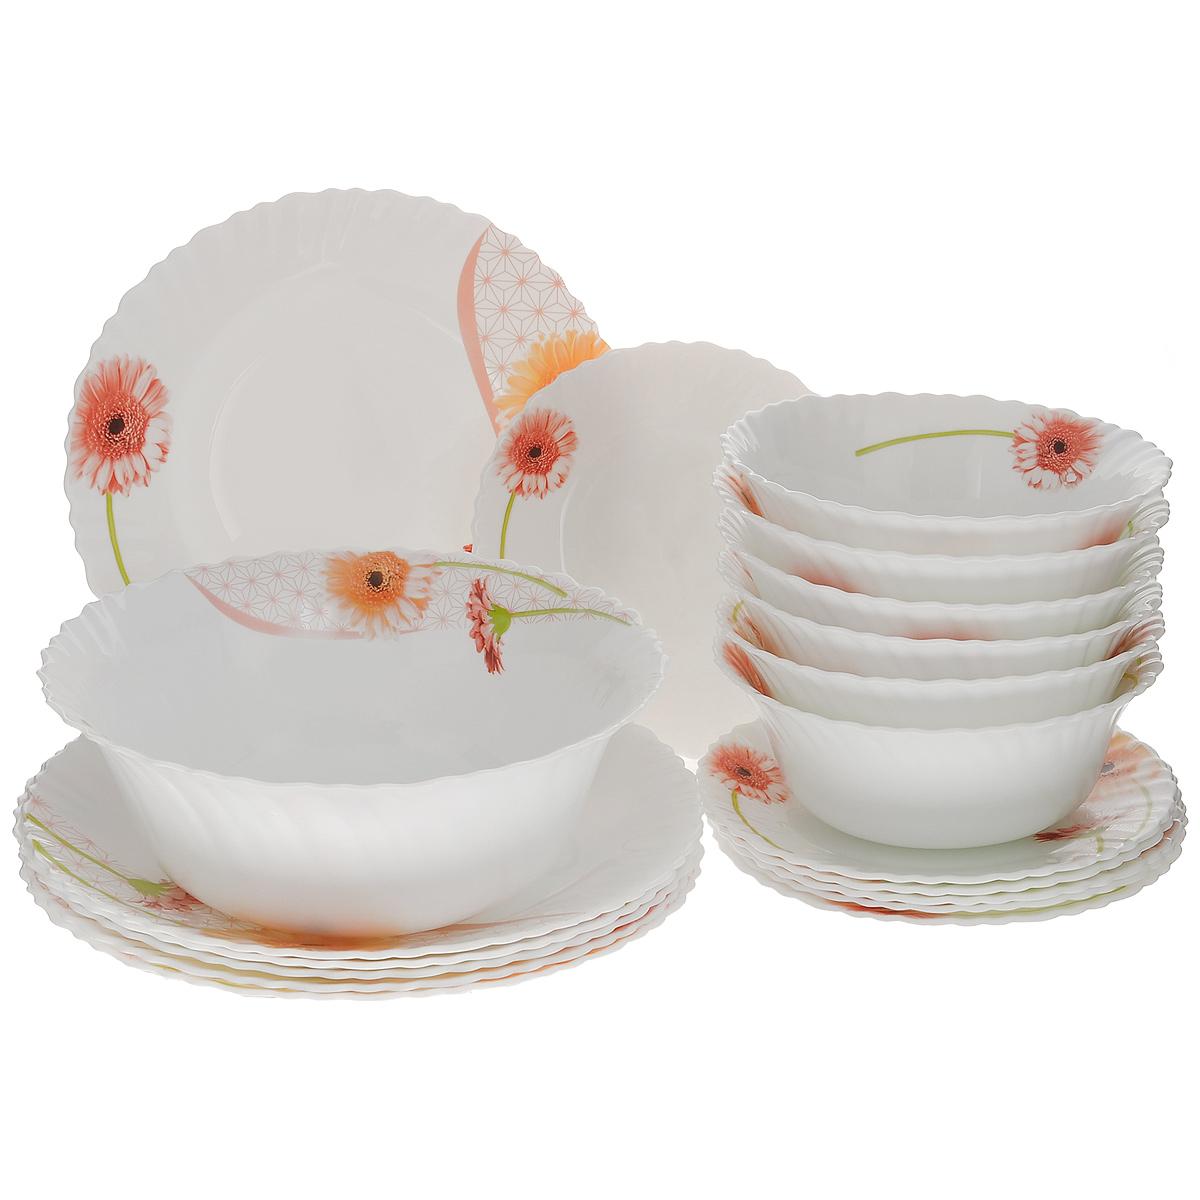 Набор столовой посуды Mayer & Boch, 19 предметов24101Набор столовой посуды Mayer & Boch выполнен из стекла высокого качества и состоит из 12 плоских и 7 глубоких тарелок разных диаметров. Изделия оформлены изящным цветочным рисунком и волнистыми краями. Столовый набор Mayer & Boch сочетает в себе изысканный дизайн с максимальной функциональностью. В набор входит: - 6 круглых плоских тарелок - 19 см х 19 см х 1,5 см; - 6 круглых плоских тарелок - 25,4 см х 25,4 см 2,5 см; - 6 круглых глубоких тарелок - 17,8 см х 17,8 см х 7 см; - 1 круглая глубокая тарелка - 22,9 см х 22,9 см х 9 см. Такой набор будет уместен на любой кухне и прекрасно подойдет для сервировки праздничного стола, а также станет приятным подарком родным и близким людям. Тарелки можно мыть в посудомоечной машине и держать в холодильнике. Не использовать на газовых плитах и открытом огне!